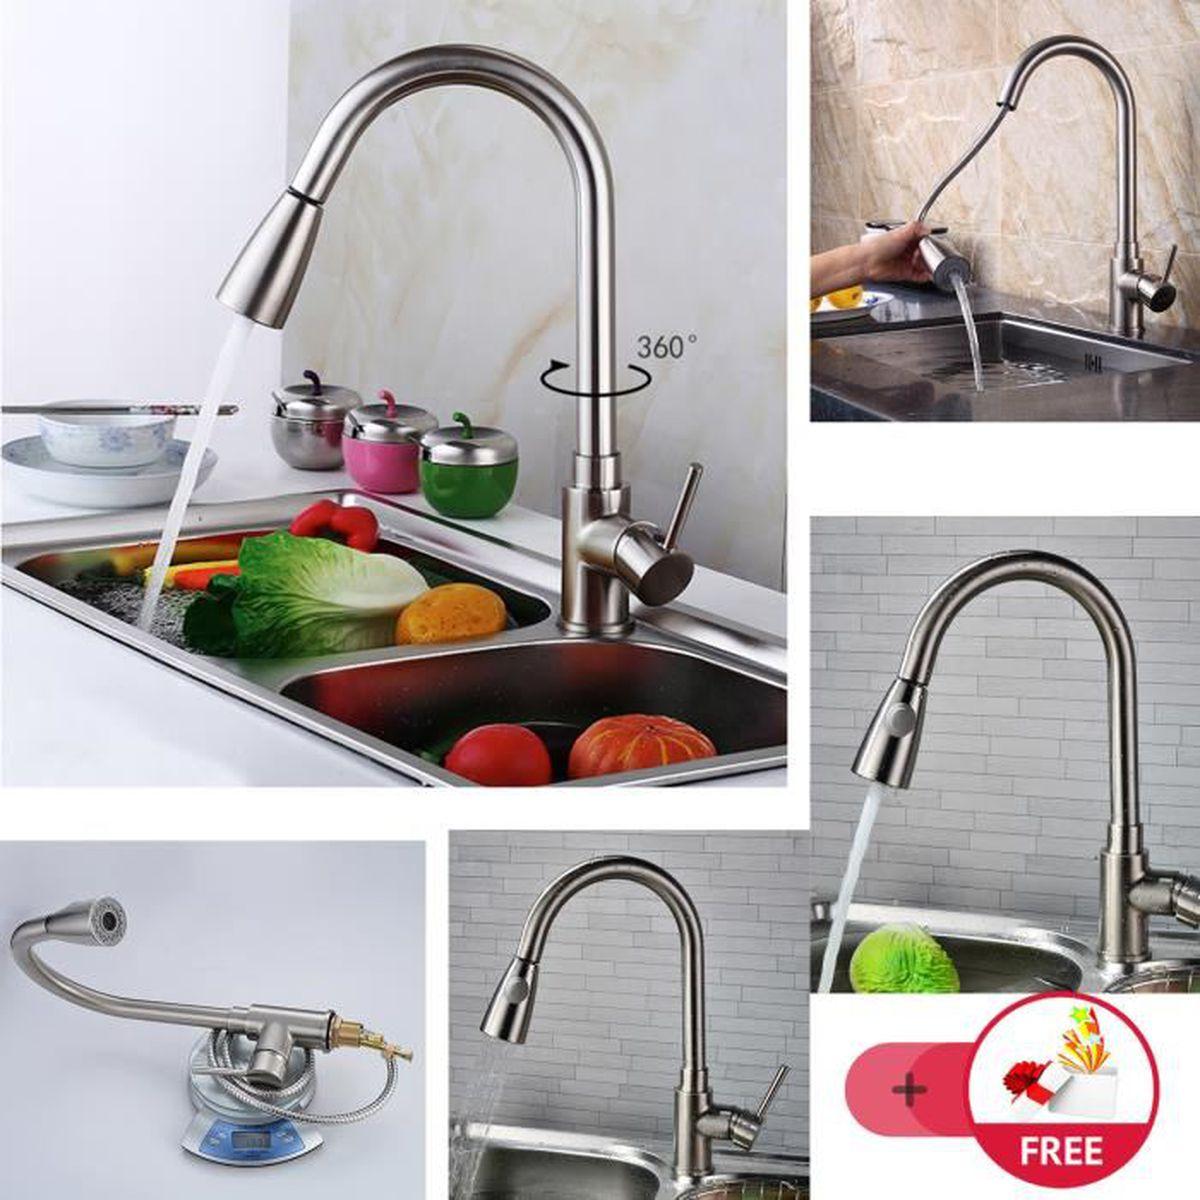 Douchette robinet cuisine design 2 jets avec set 3 couleurs